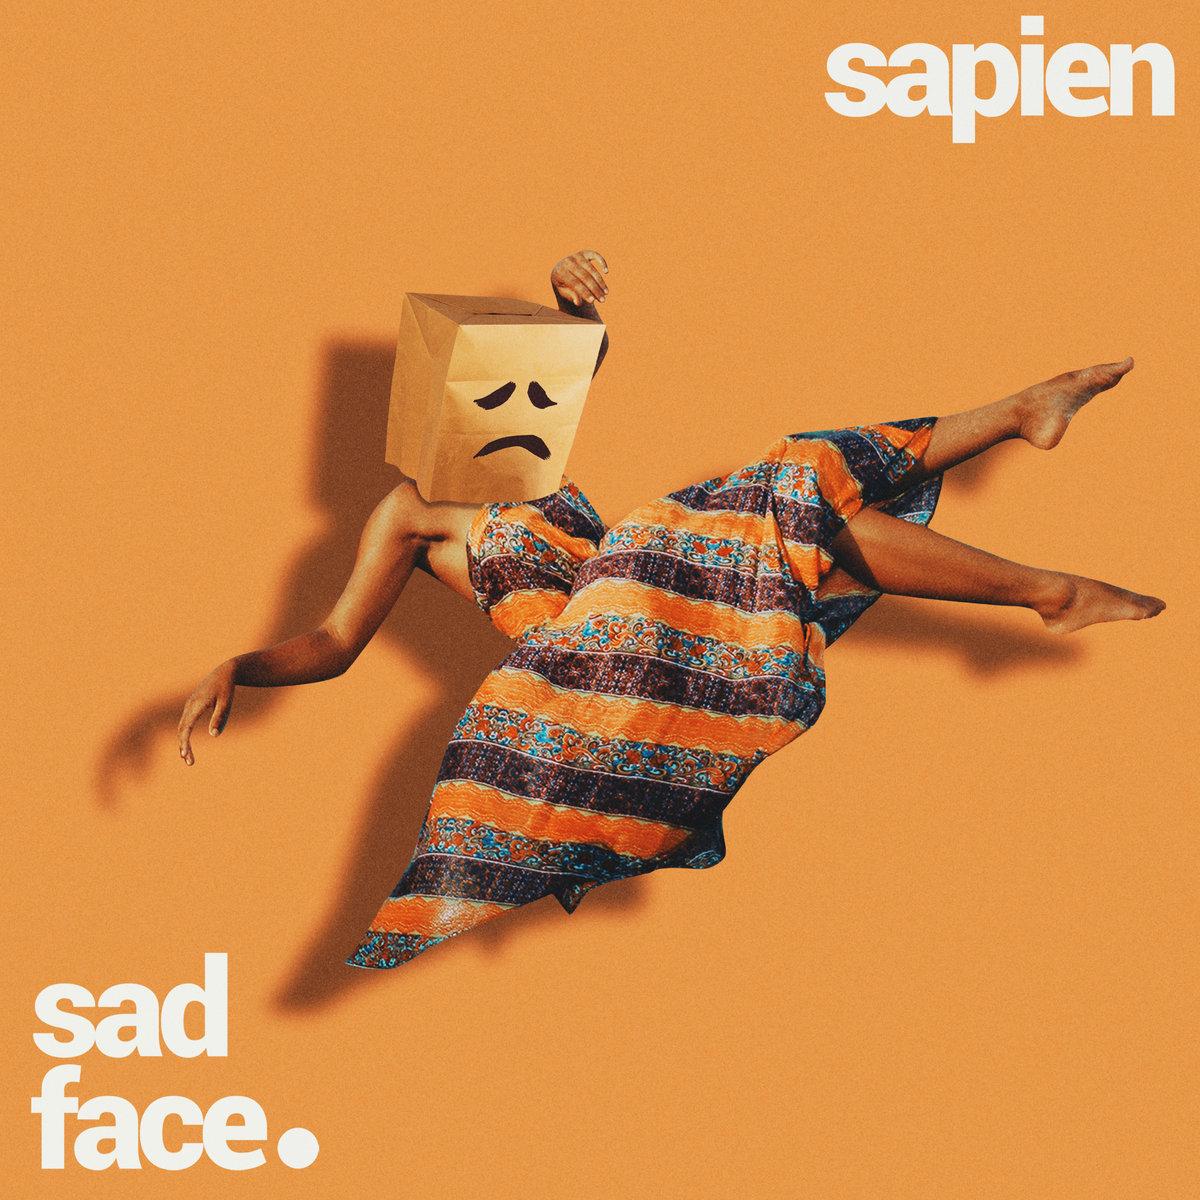 Sapien Sad Face